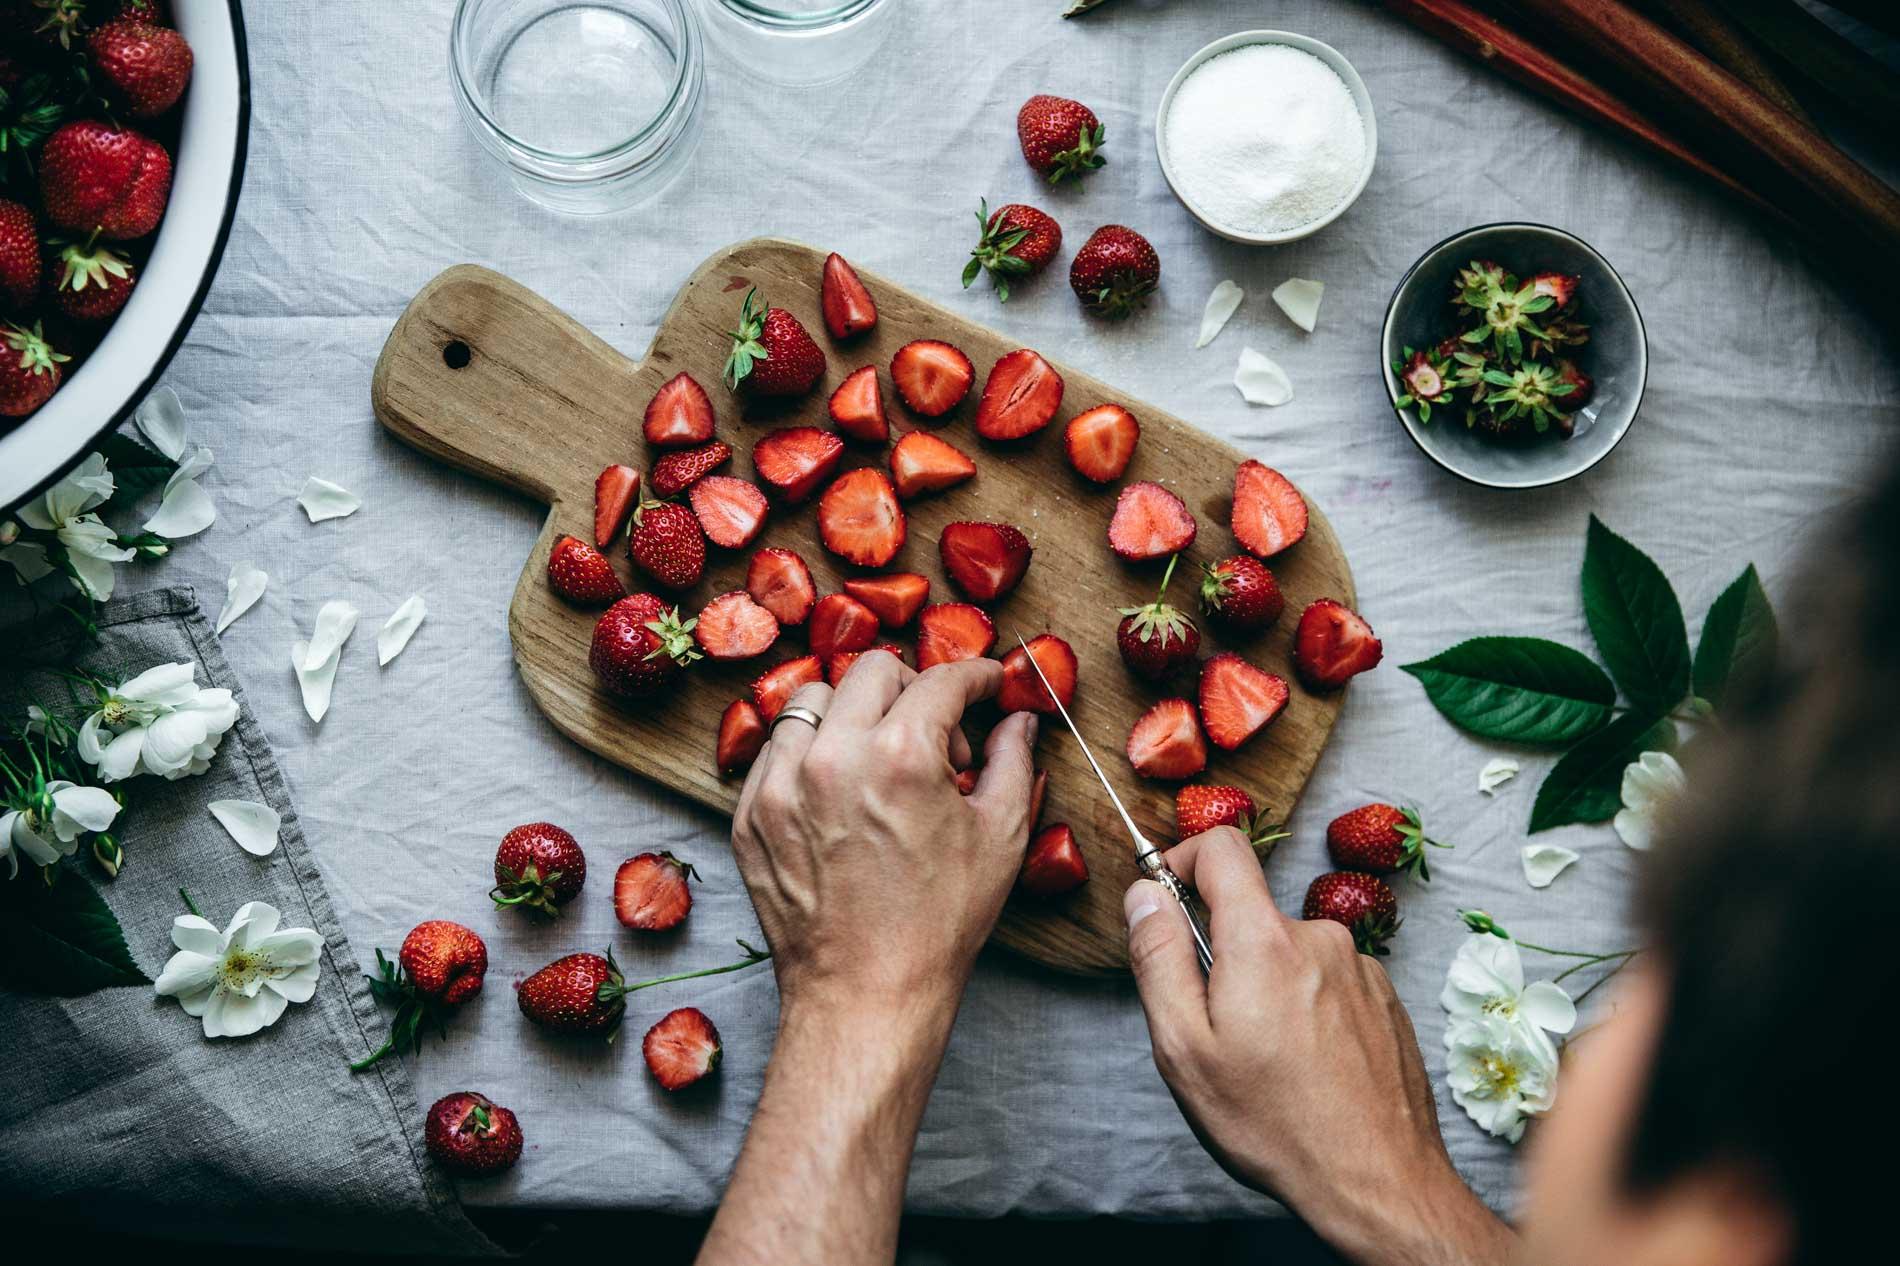 Erinnerung an Kindheitstage: Die Vorbereitungen für das Kochen von Erdbeer-Marmelade, die wir mit Rhabarber, Vanille und Estragon verfeinert haben.